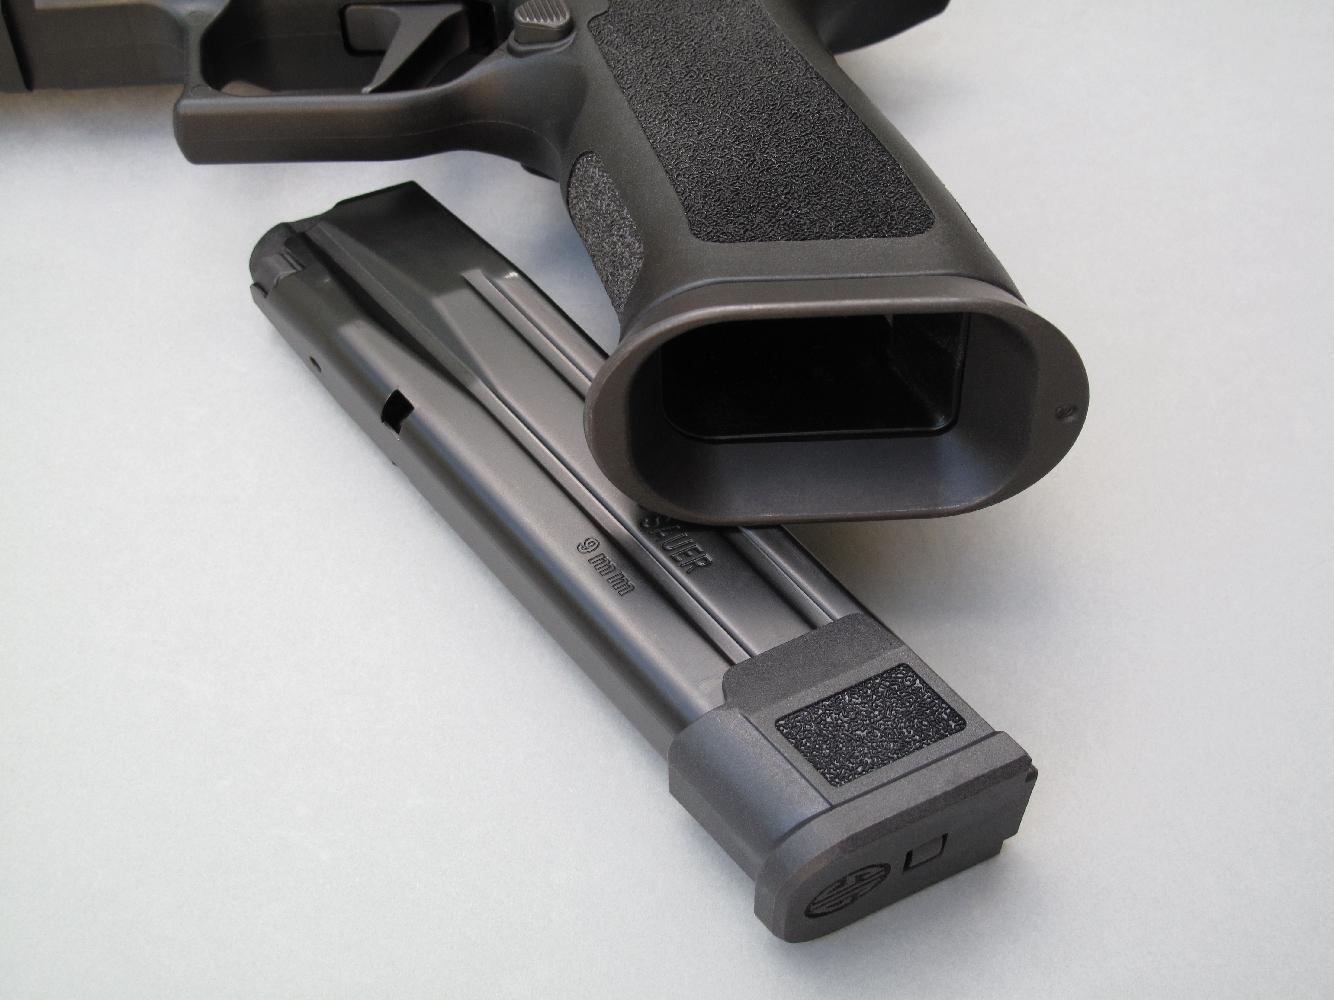 Ce pistolet est équipé d'un vaste Jet Funnel qui améliore la prise en main de la poignée tout en facilitant l'introduction rapide du chargeur.